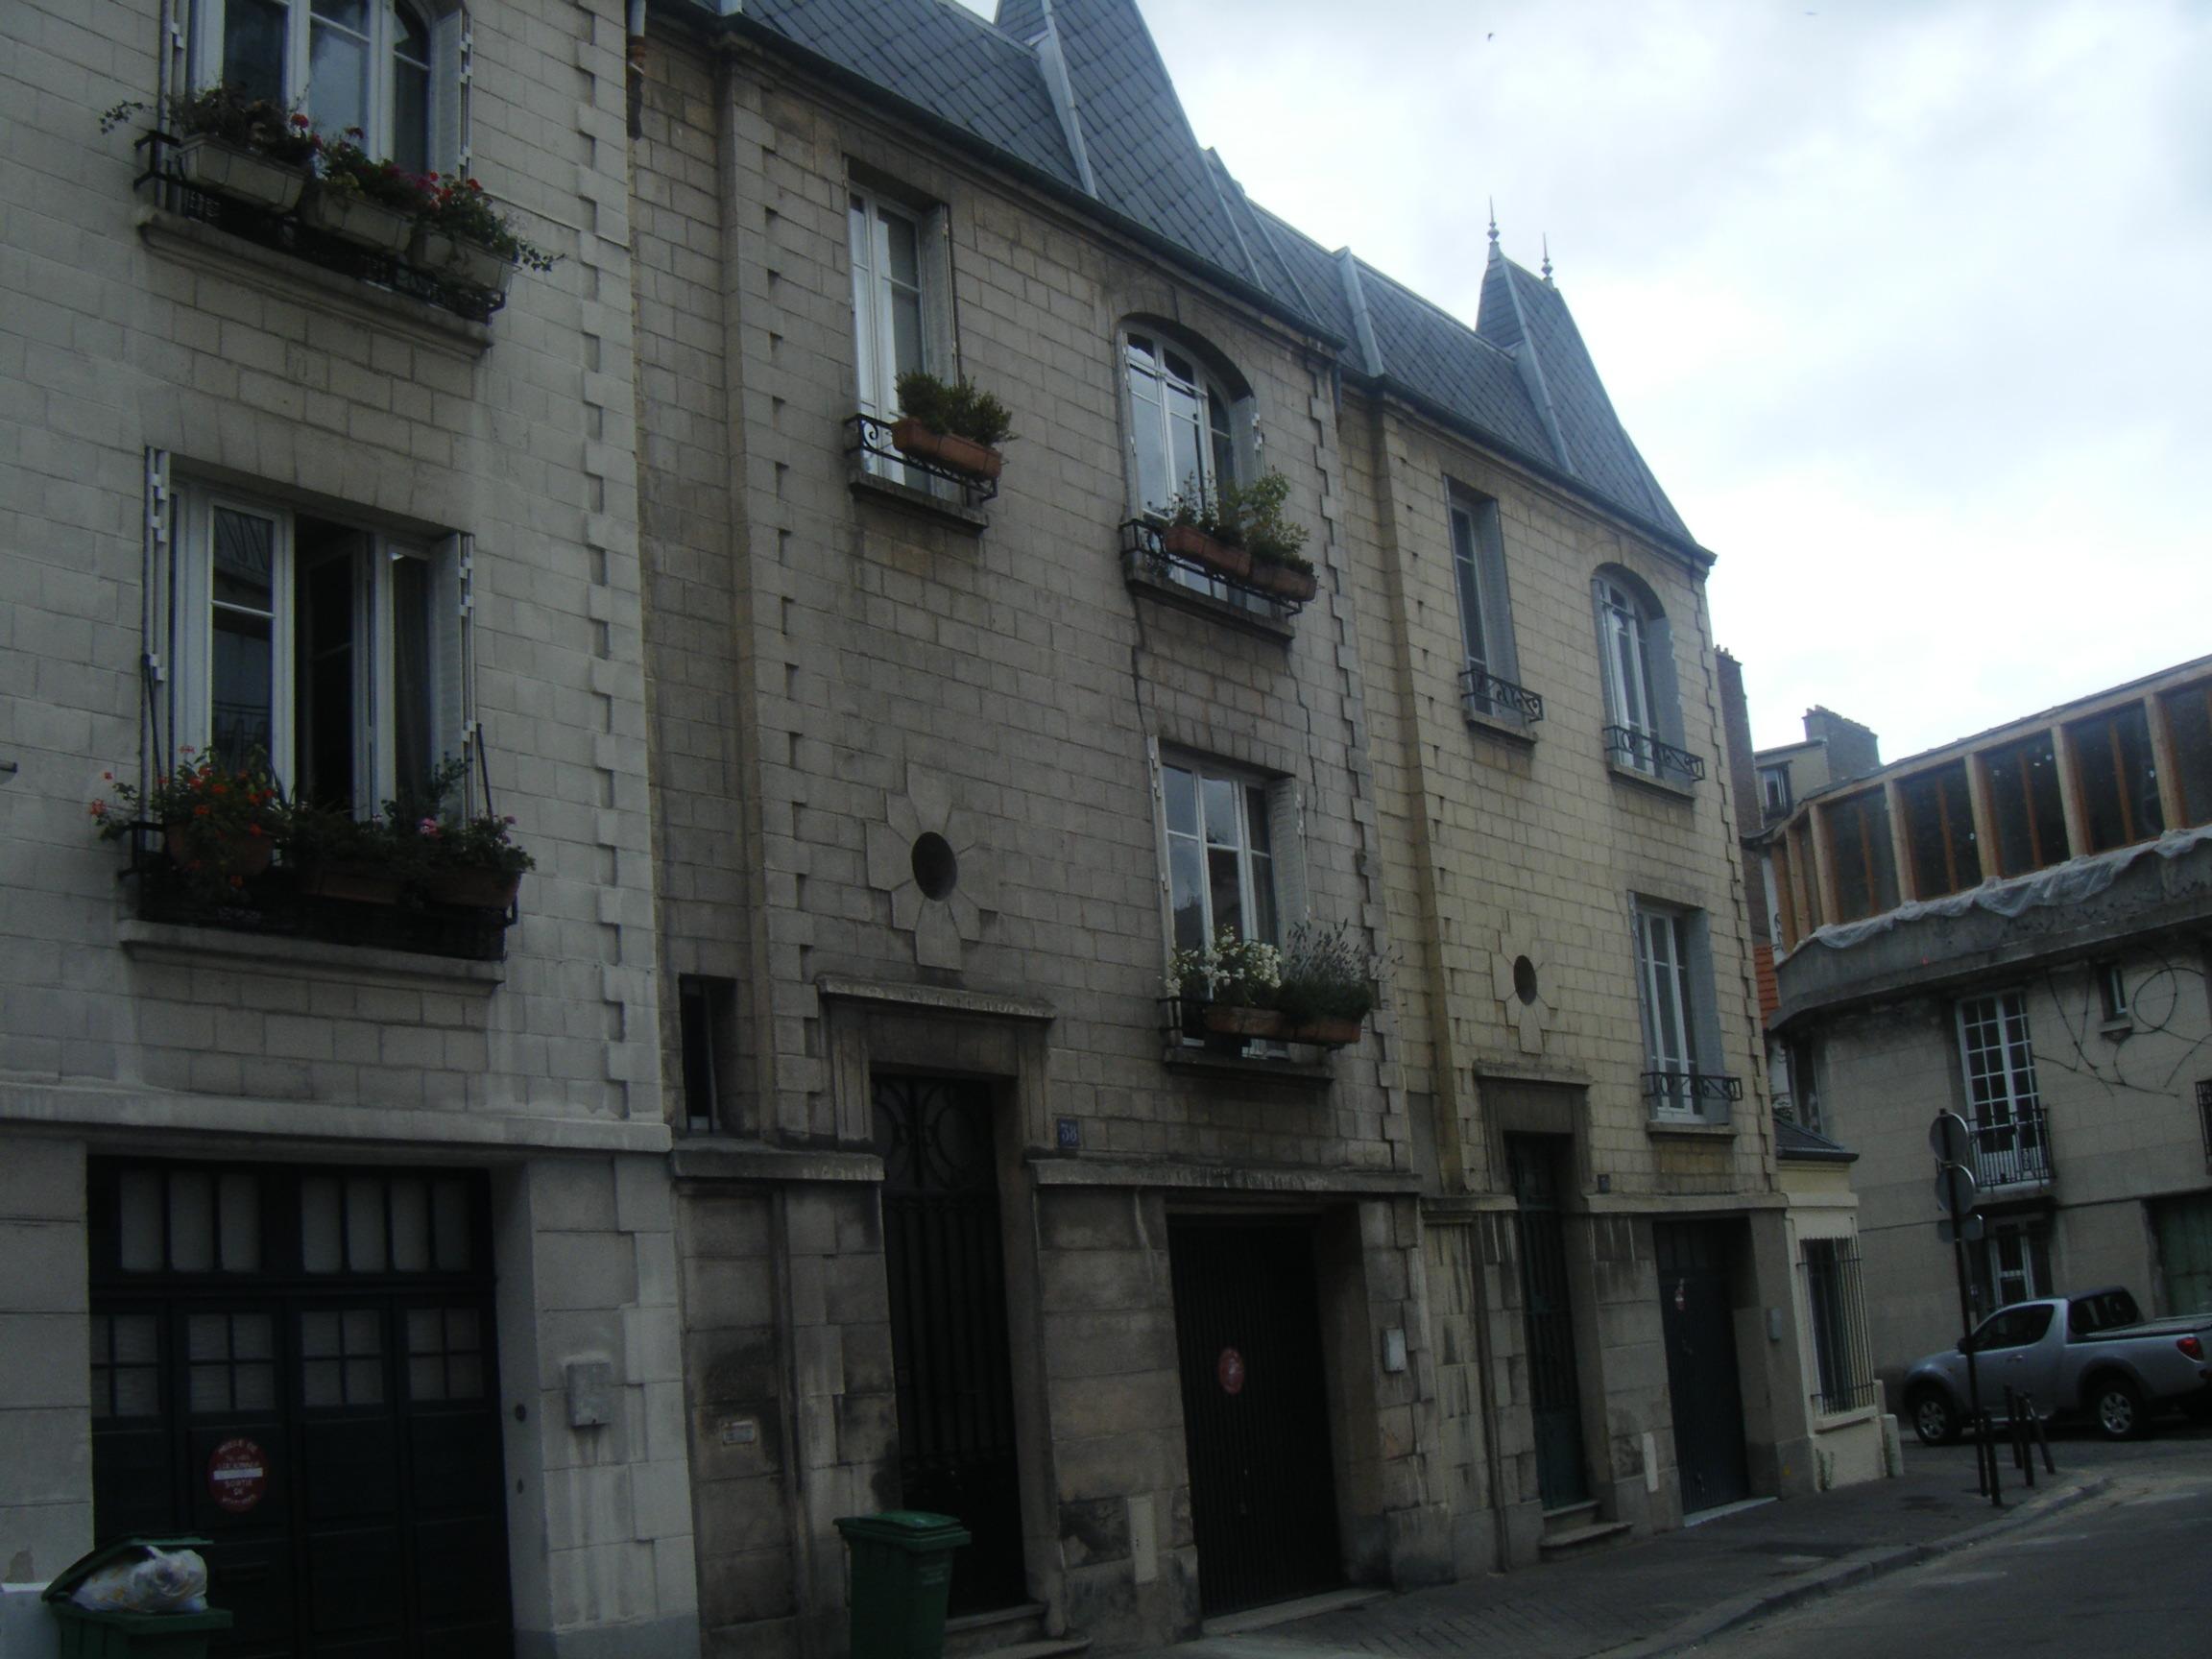 les petites maisons du 15 me arrondissement paris maman moi. Black Bedroom Furniture Sets. Home Design Ideas